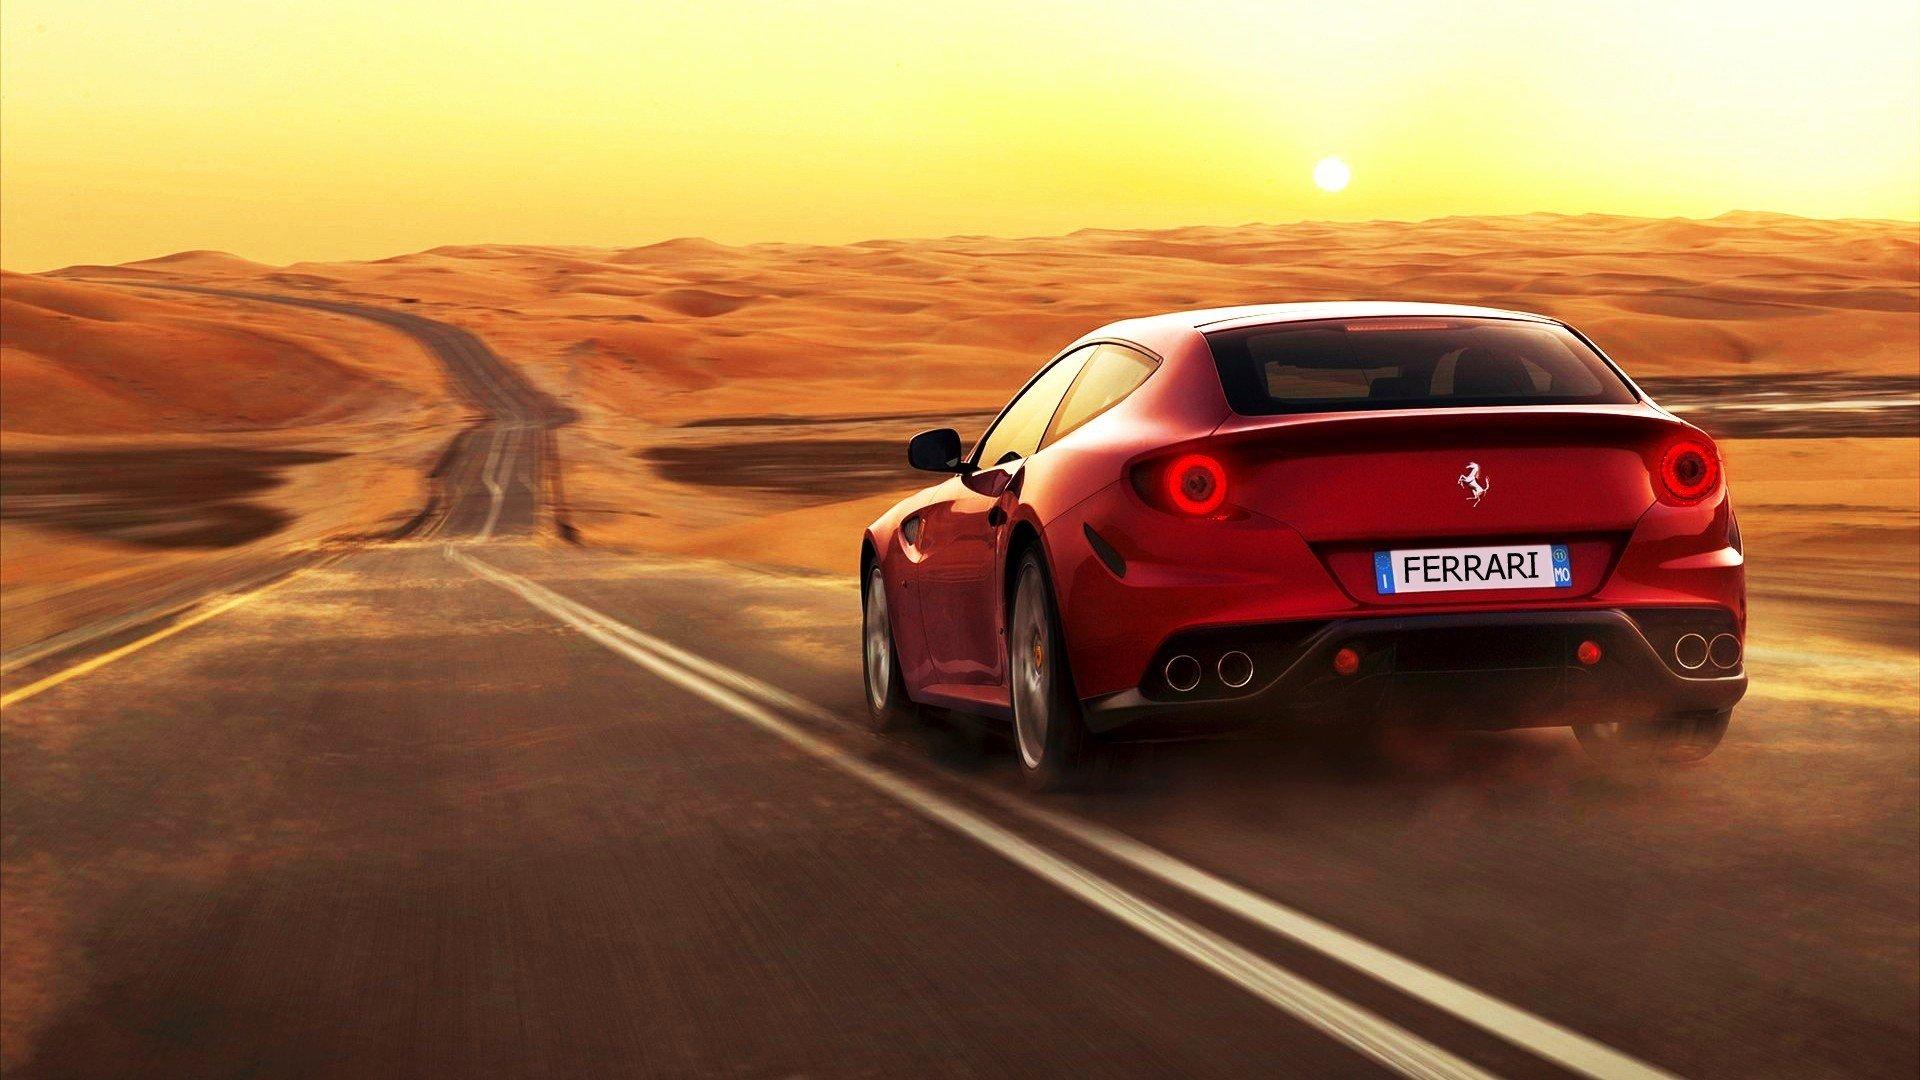 Superior Ferrari Wallpaper 20